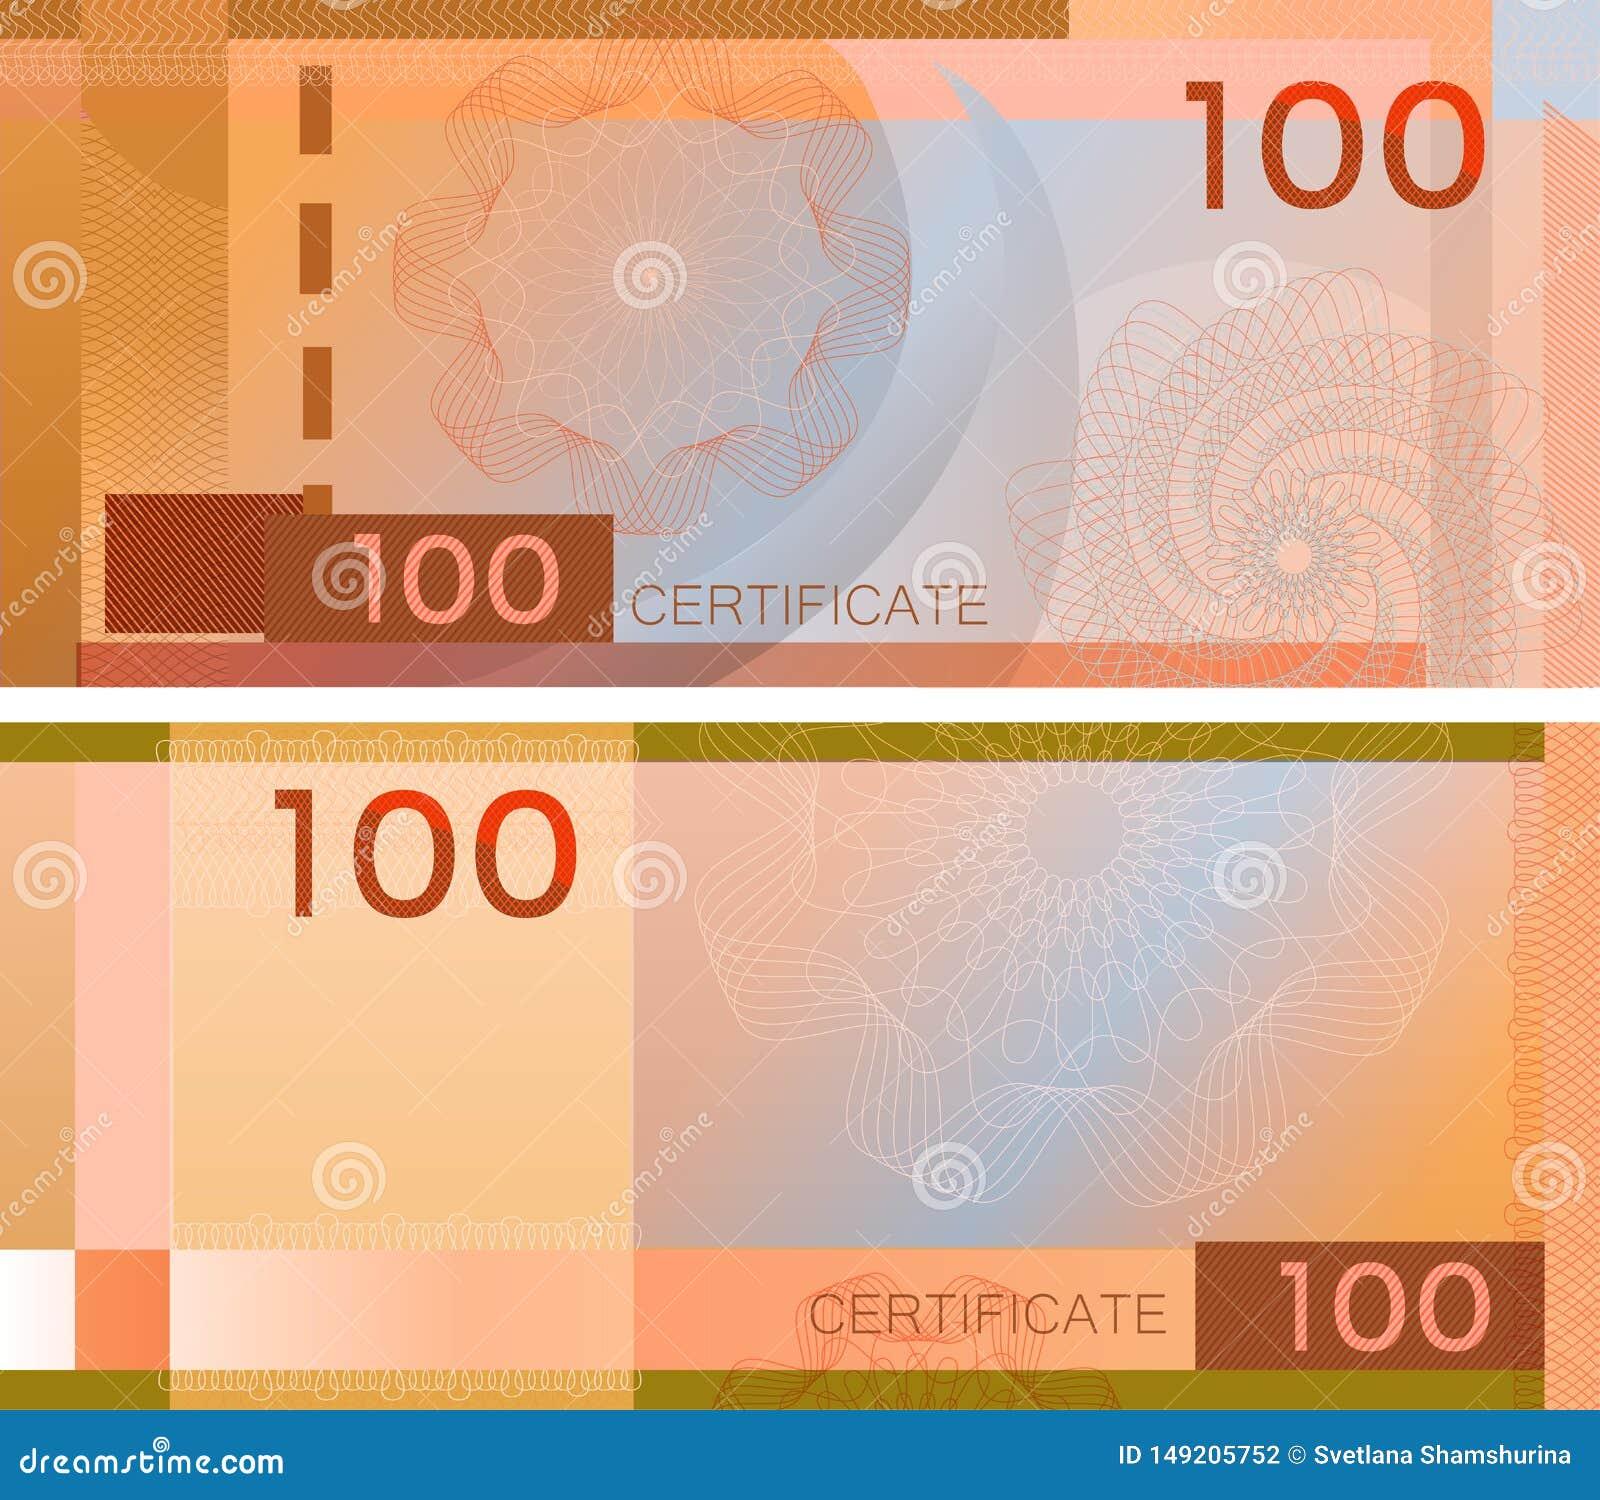 Bankbiljet 100 van het bonmalplaatje met guilloche patroonwatermerken en grens Oranje bankbiljet als achtergrond, giftbon, coupon